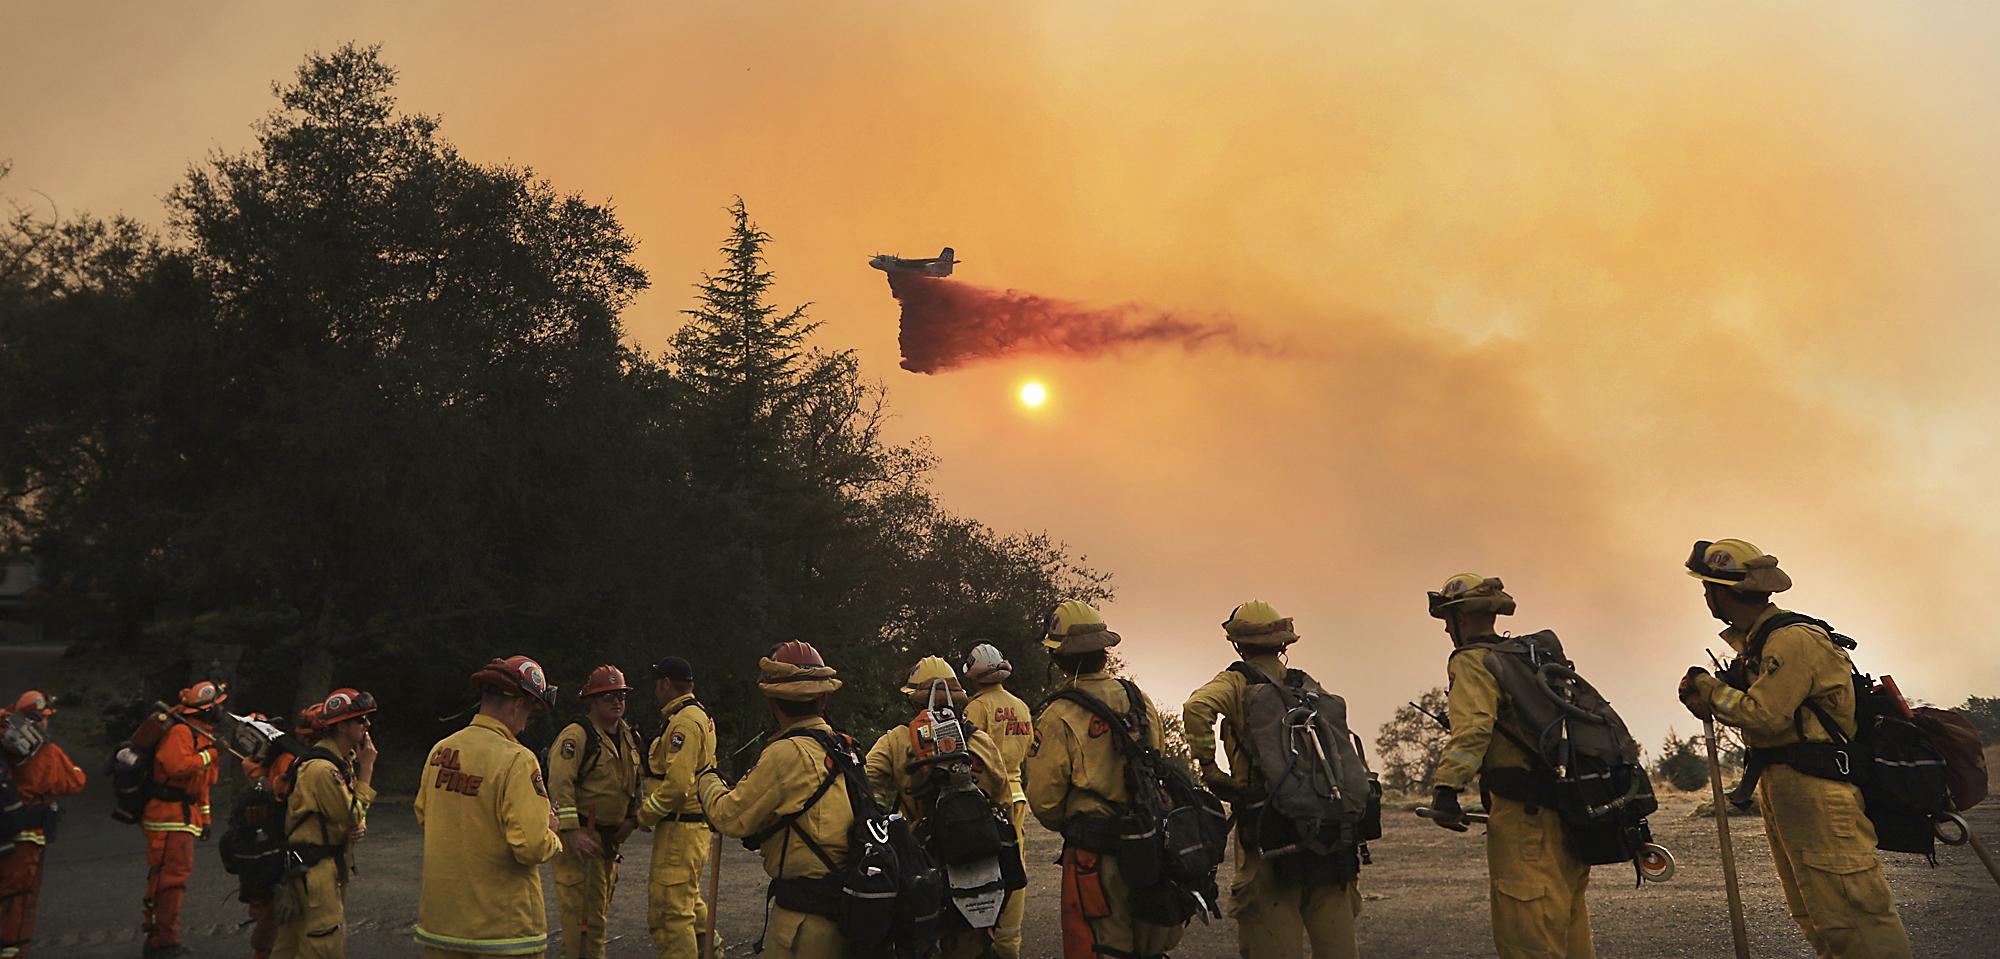 超過一萬名消防隊員正與野火搏鬥。(美聯社)